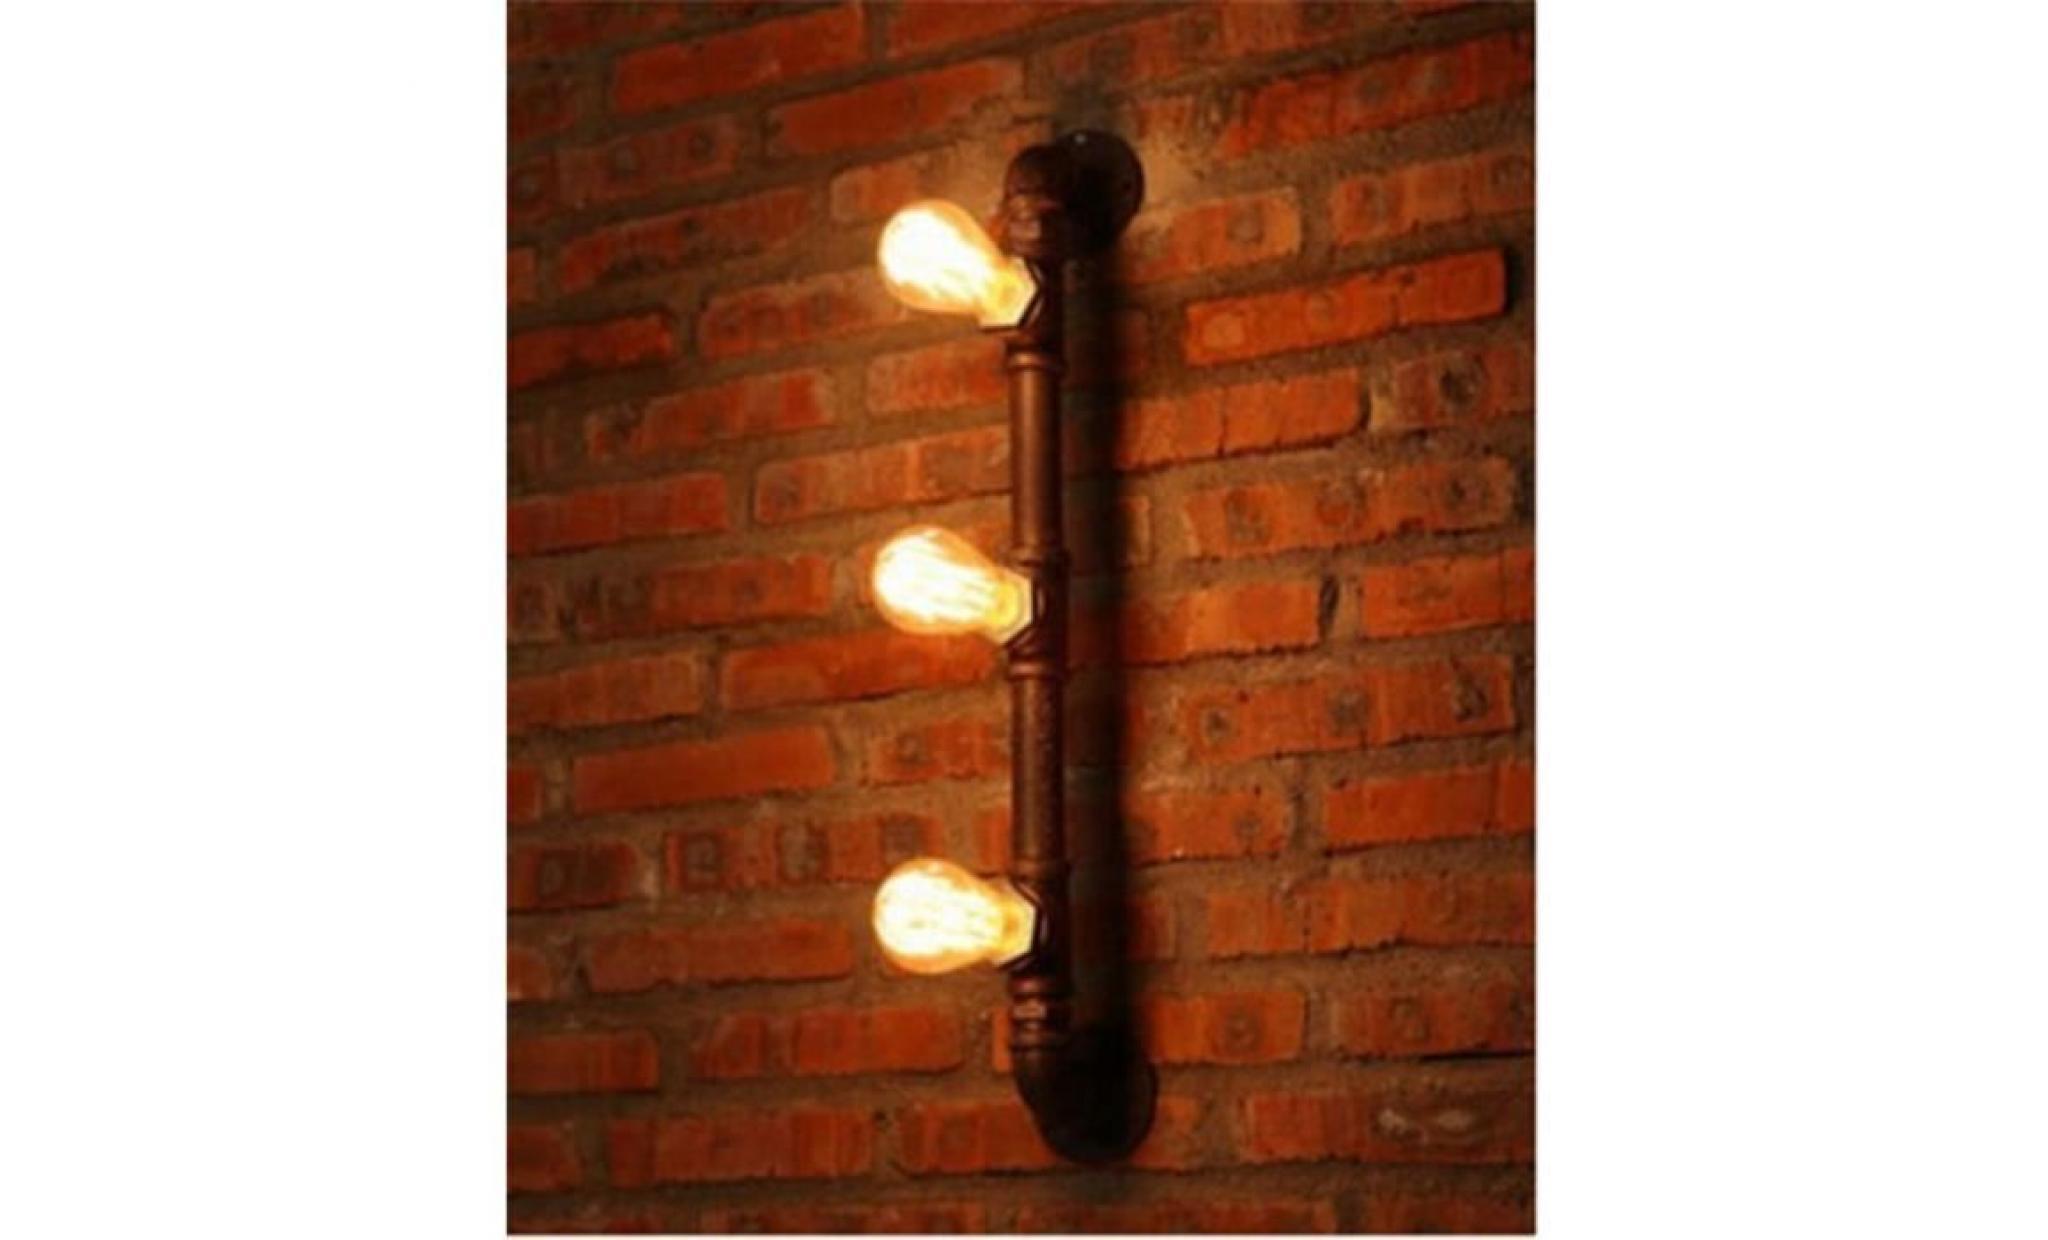 Tempsa luminaire stand rétro applique murale industrielle vintage